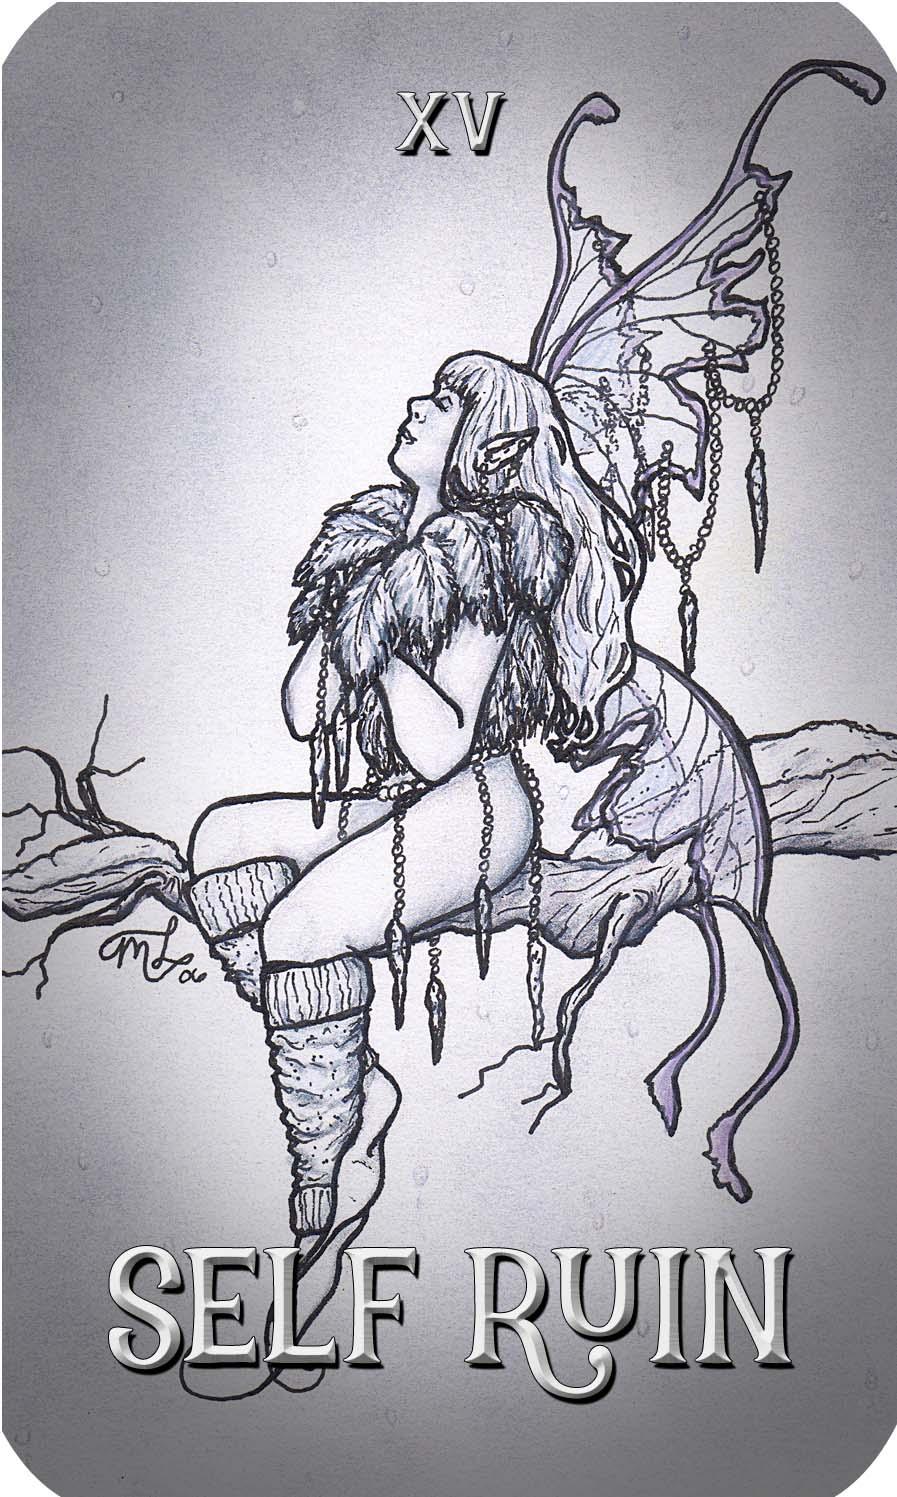 XV - Self Ruin